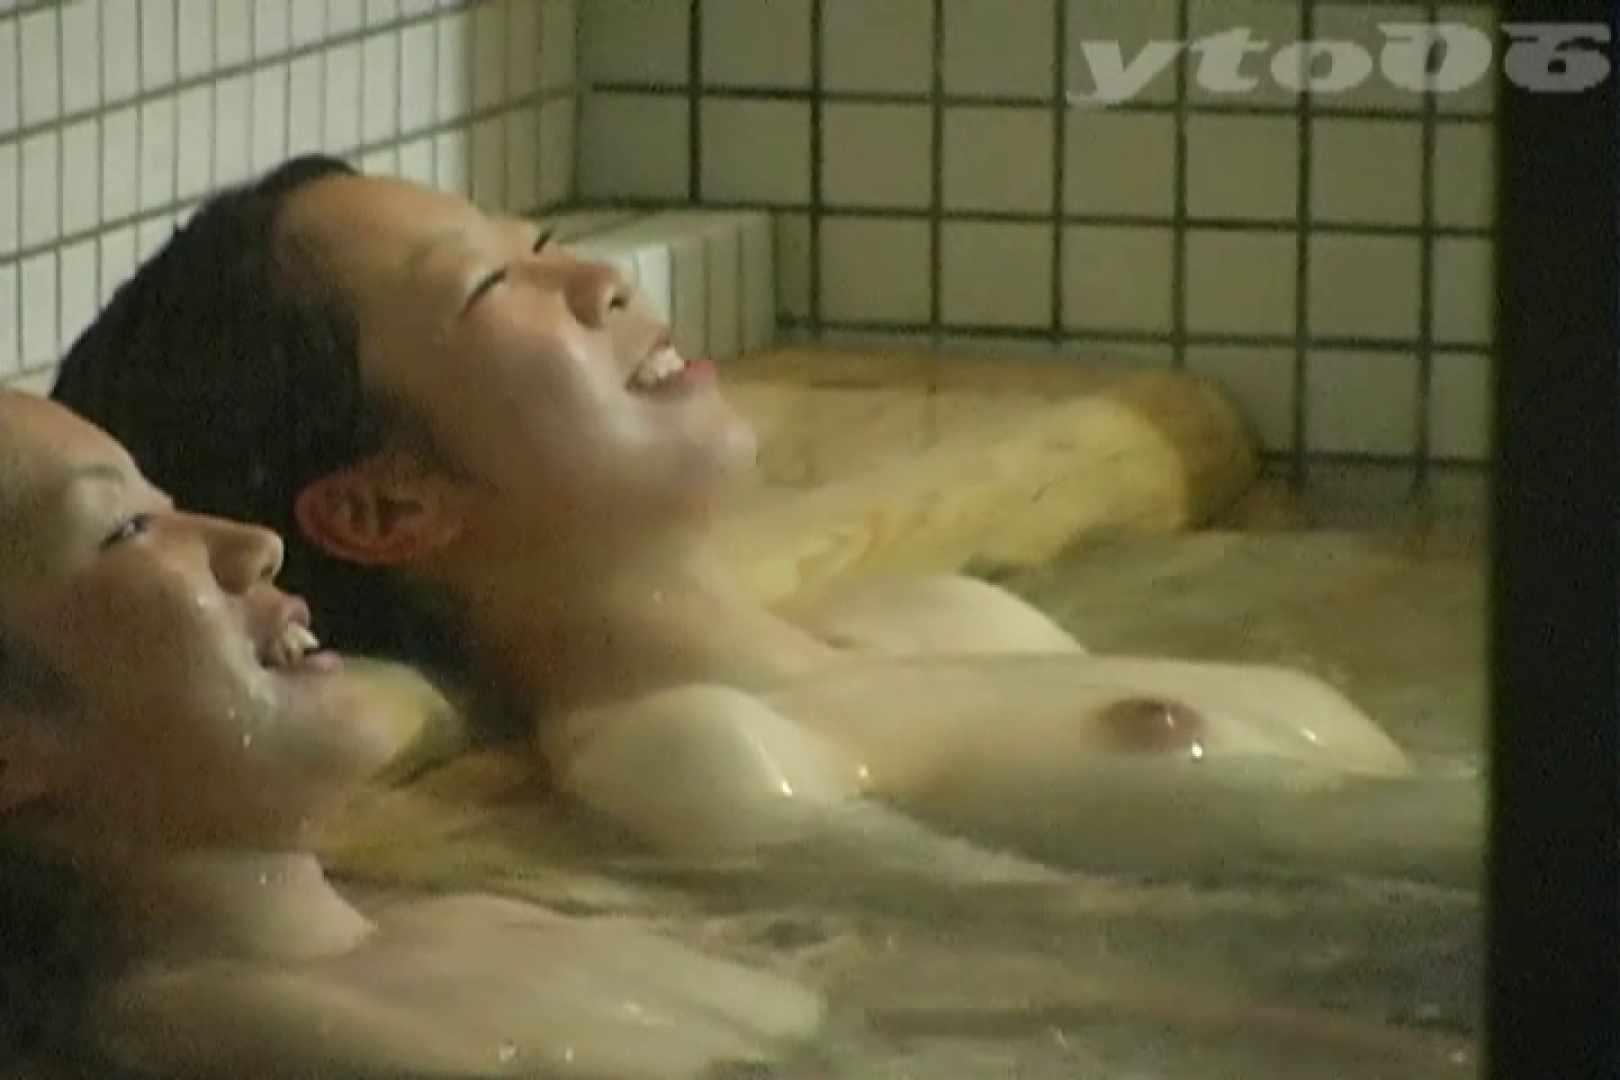 ▲復活限定▲合宿ホテル女風呂盗撮 Vol.32 合宿  31連発 6